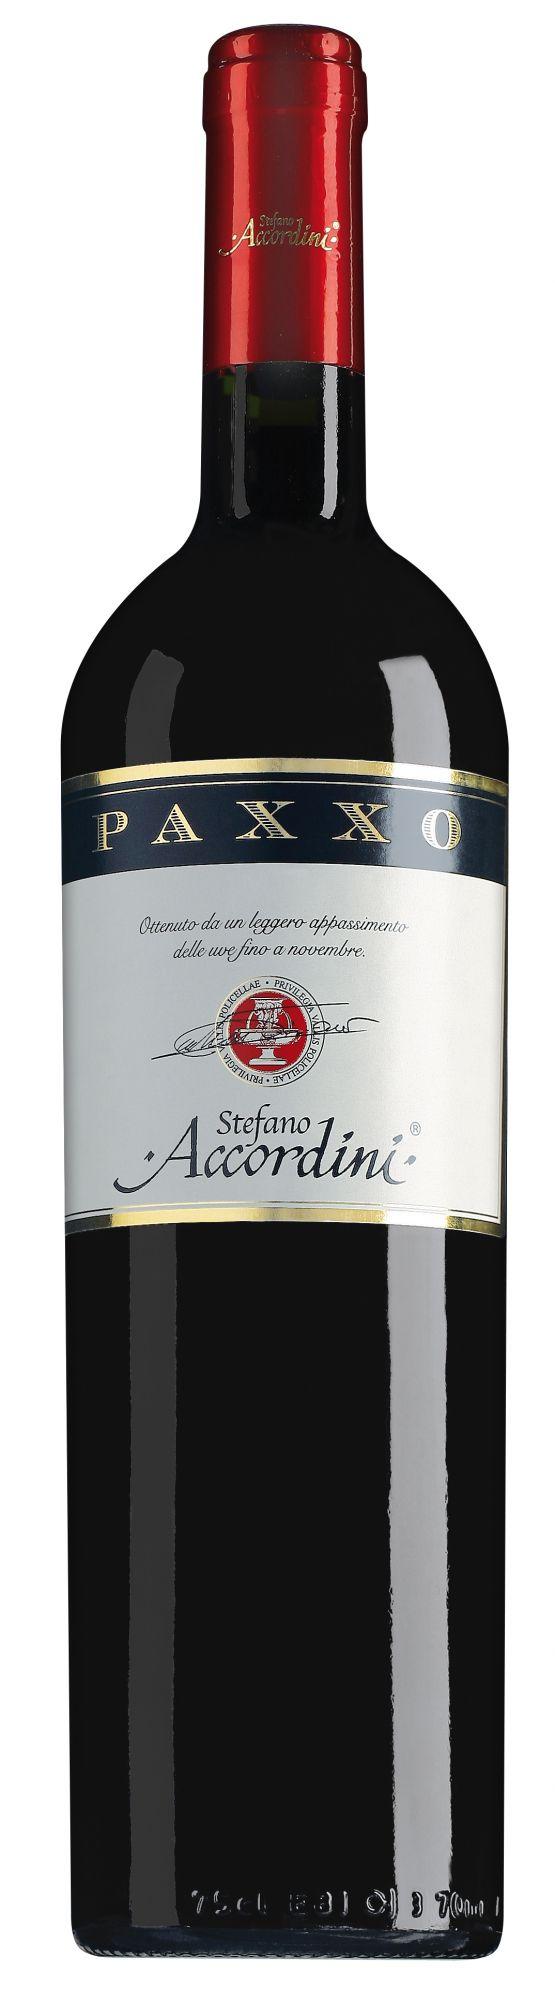 Stefano Accordini Veneto Paxxo